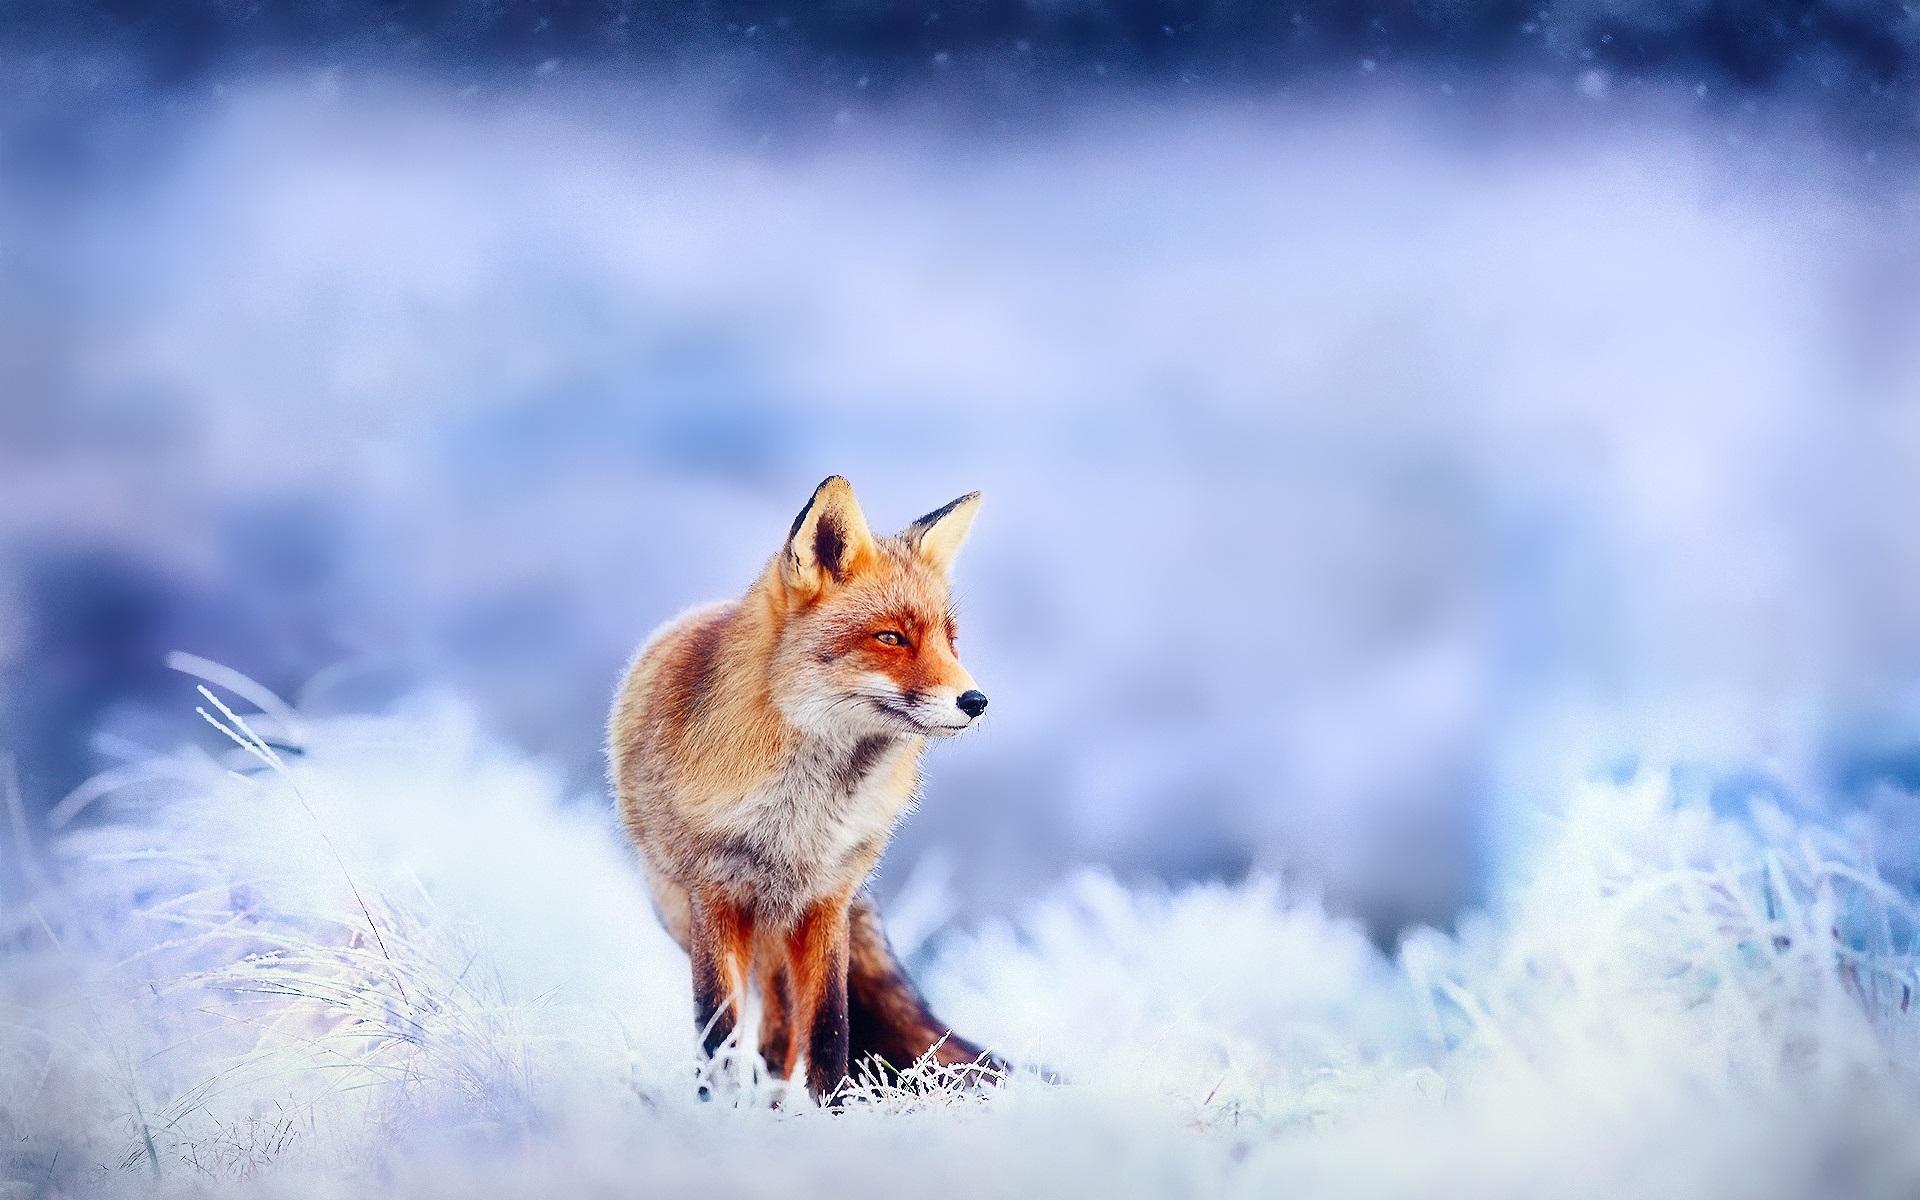 лиса природа животное снег зима скачать